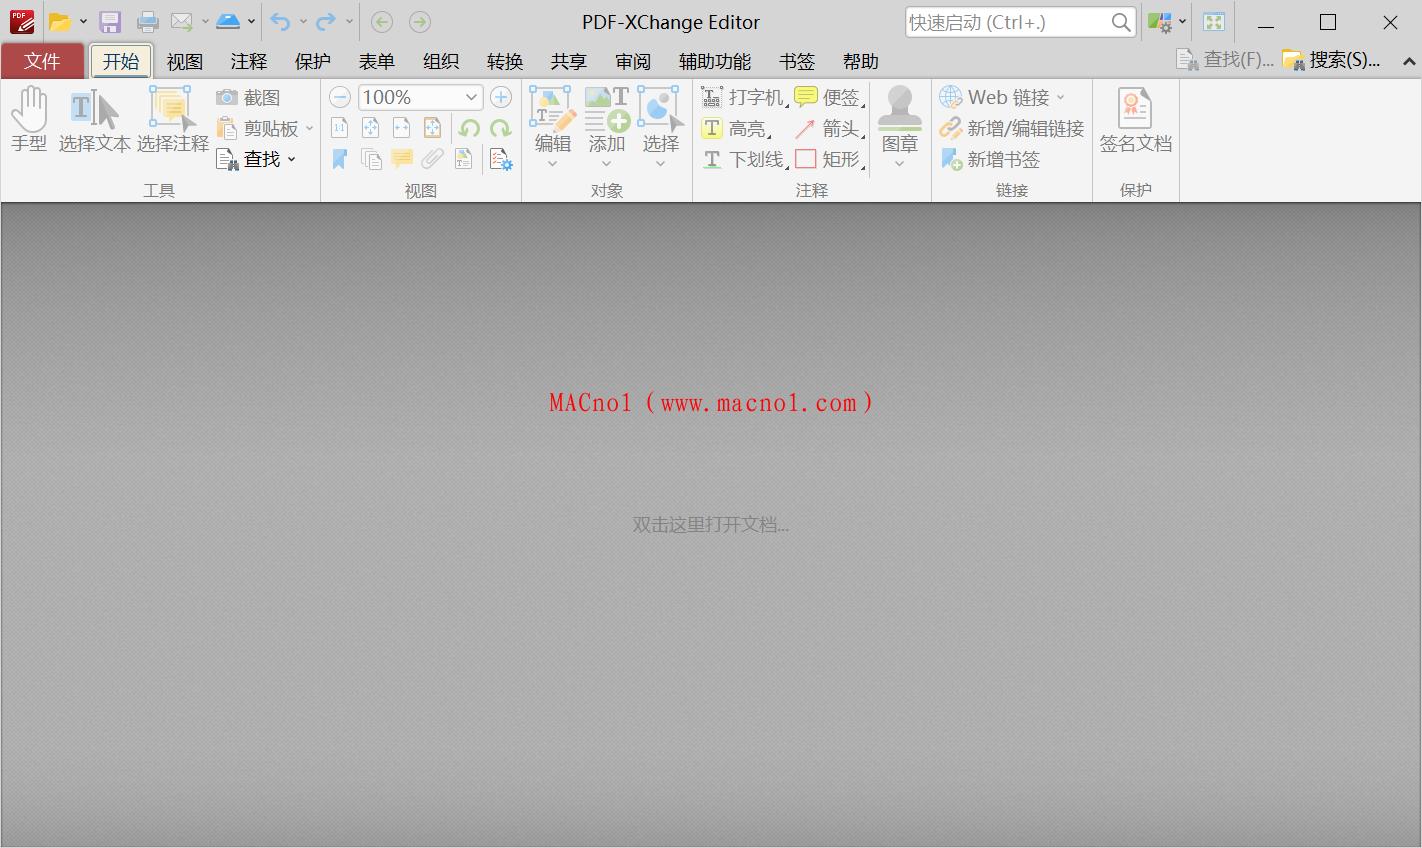 PDF编辑软件 PDF-XChange Editor Plus v9.2.357 破解版(免激活码)